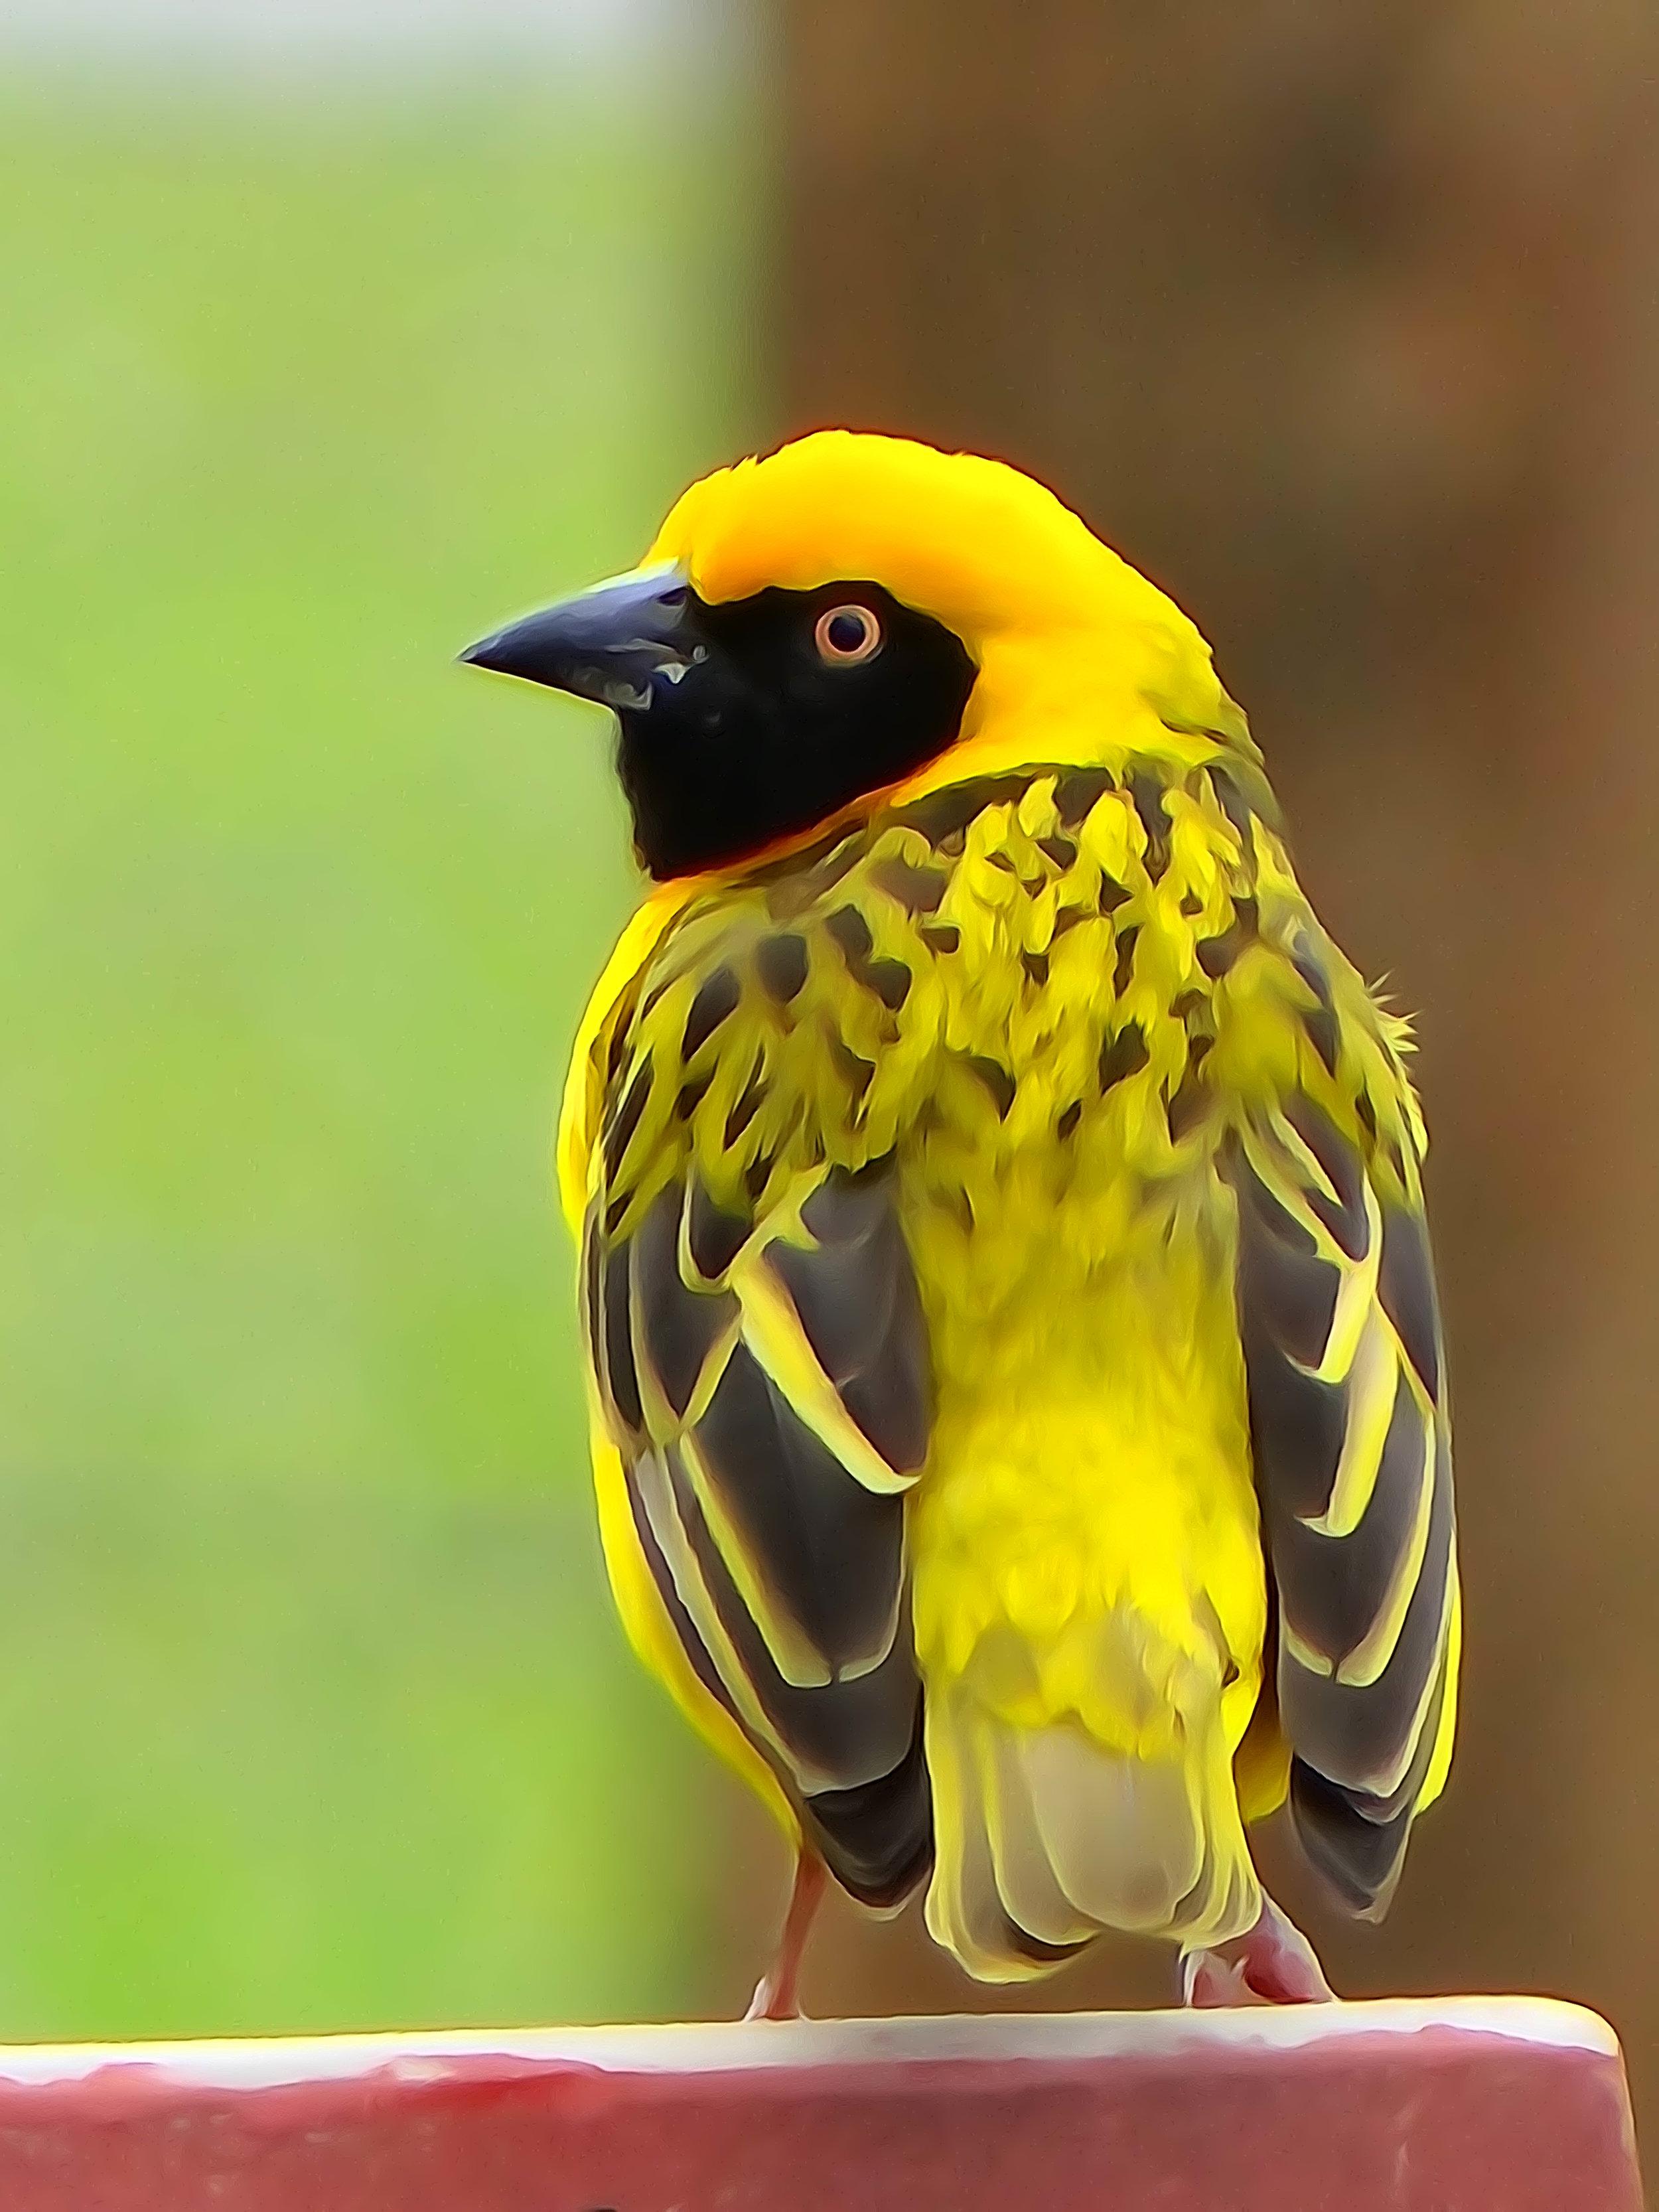 Speke's weaver bird